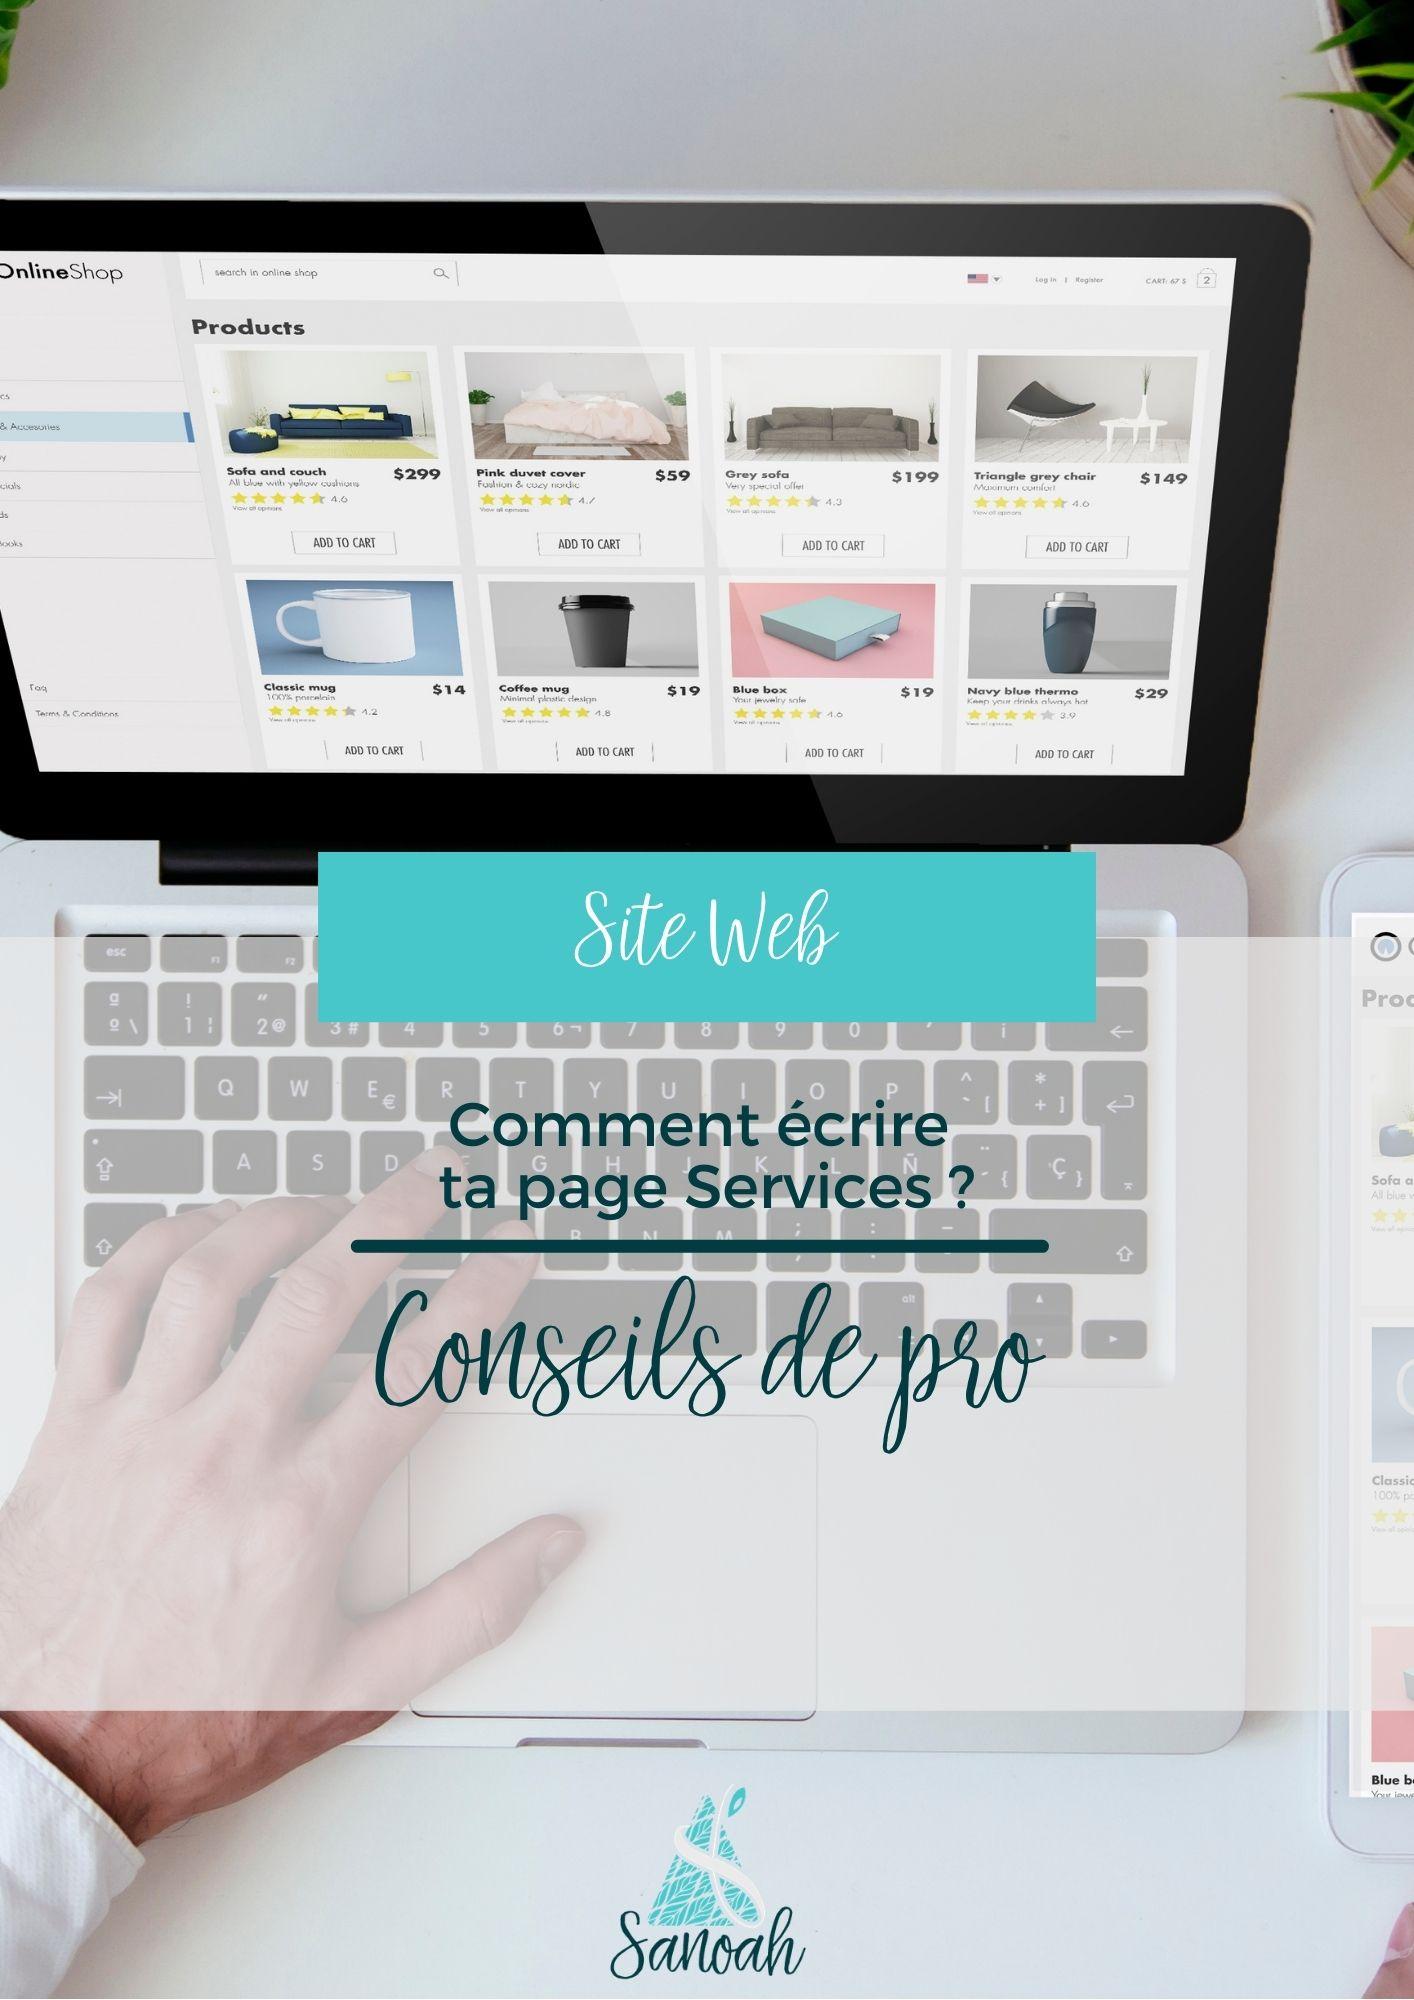 Comment écrire ta page Services_Conseils de pro